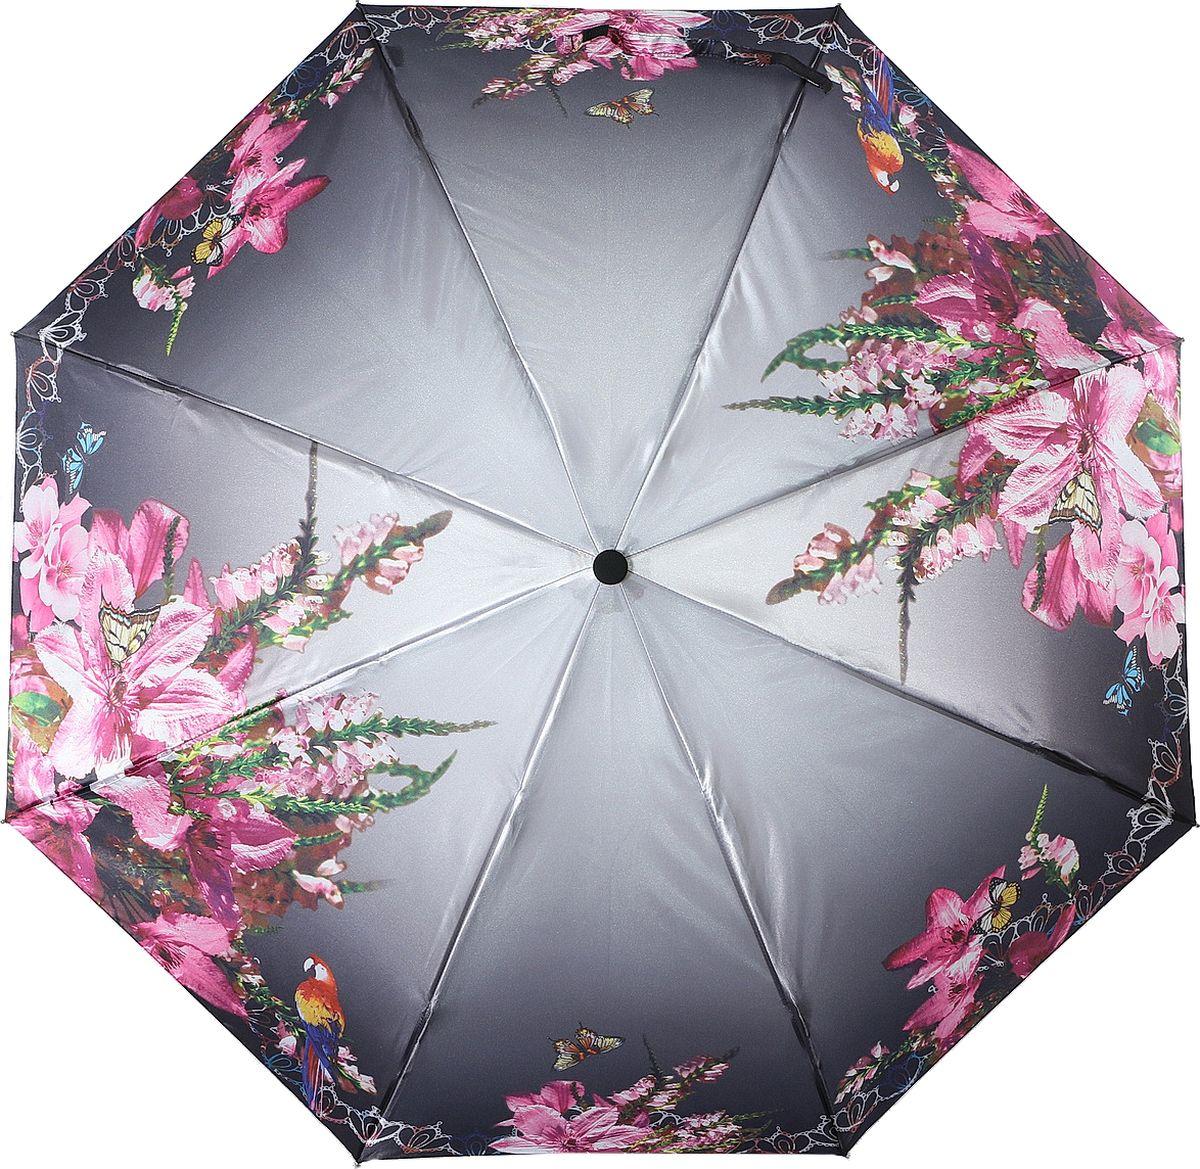 Зонт женский Magic Rain, автомат, 3 сложения, цвет: серый, розовый, зеленый. 7337-1622 цена и фото